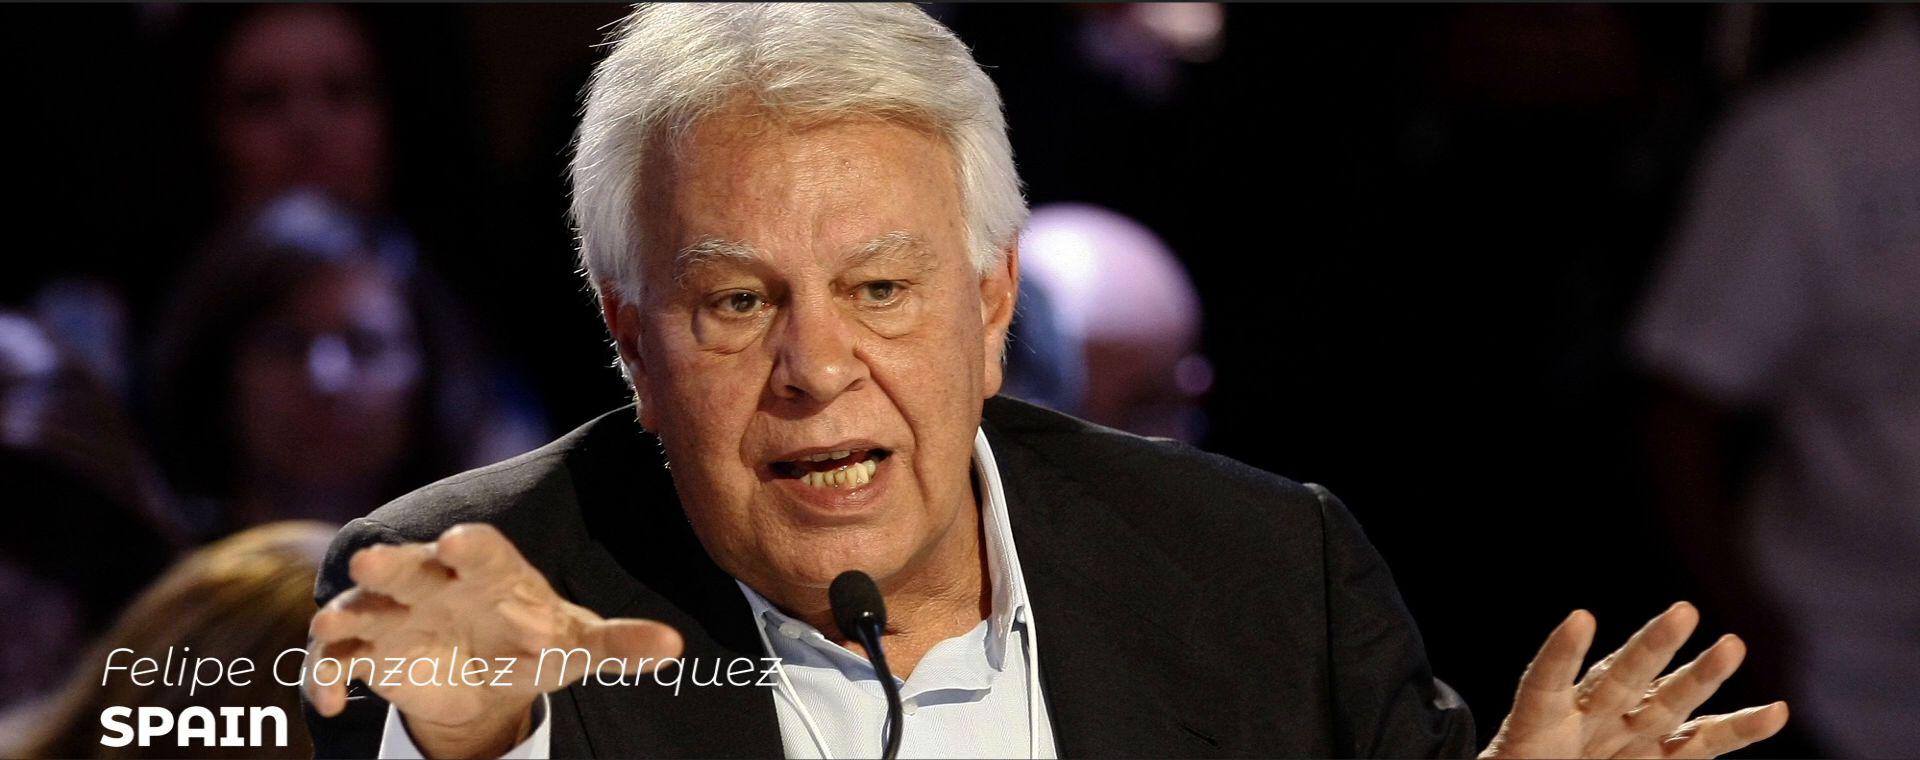 FELIPE GONZALEZ MARQUEZ